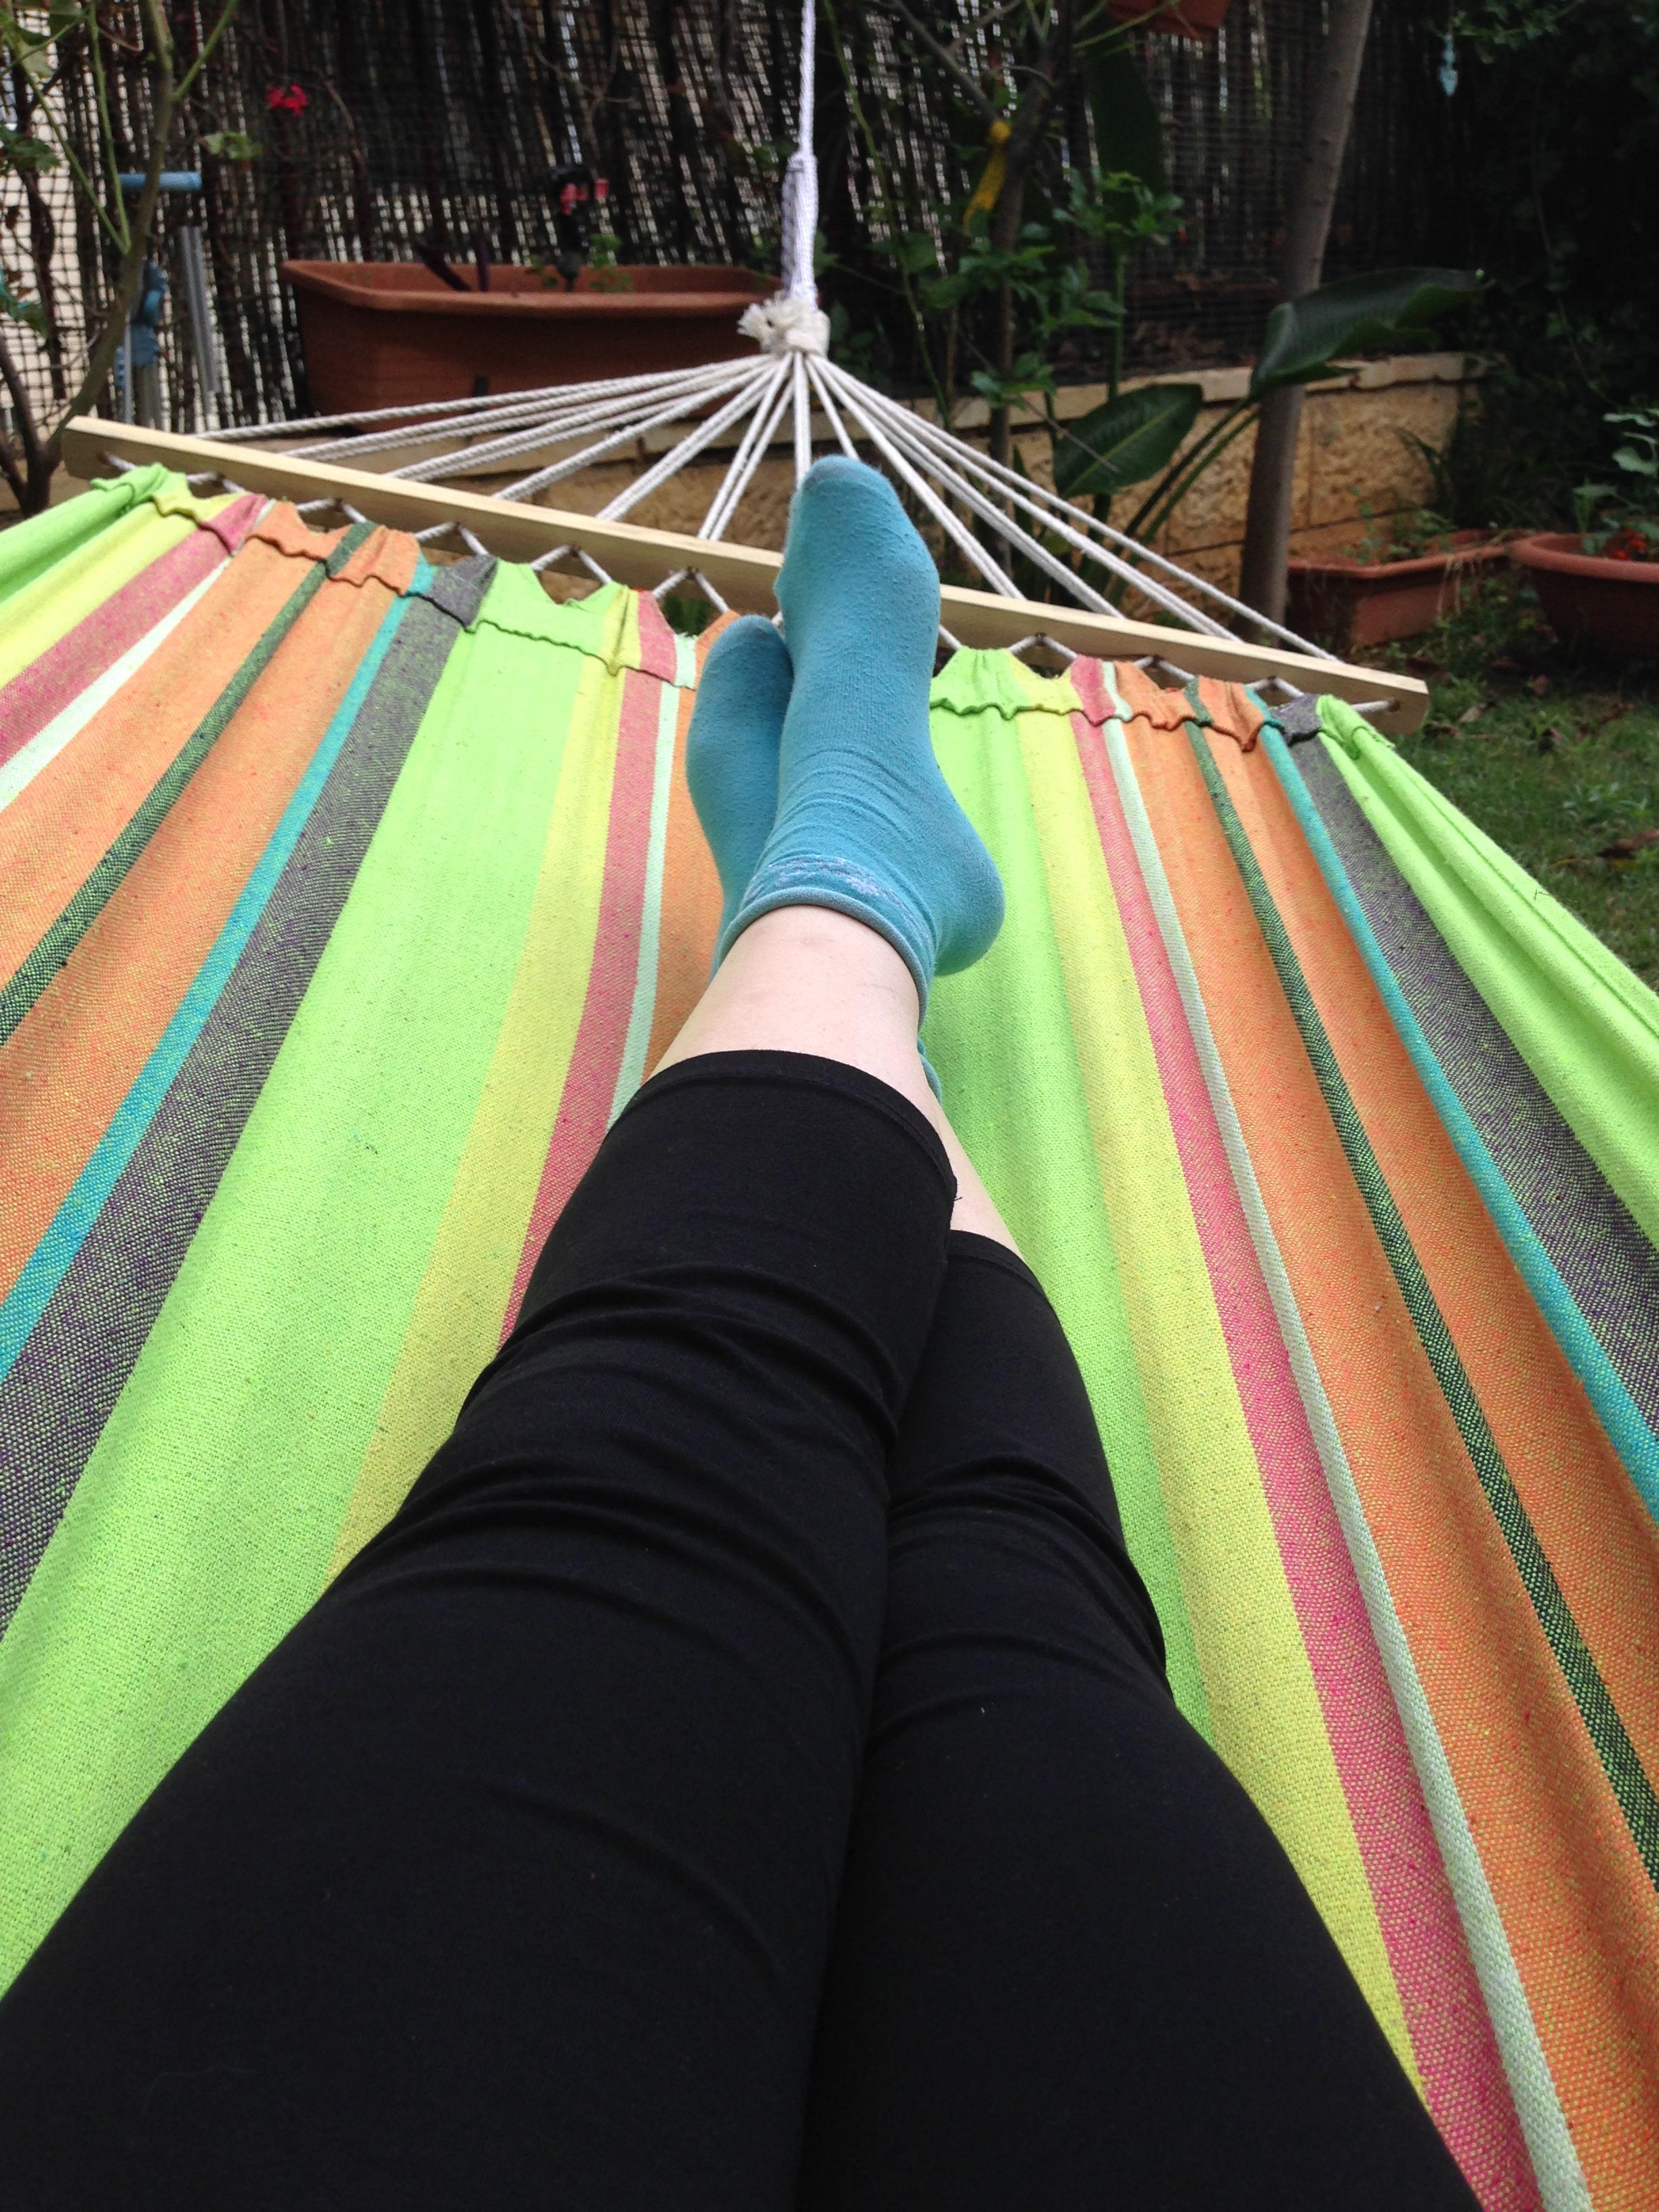 עייפות כרונית - אישה נחה בערסל